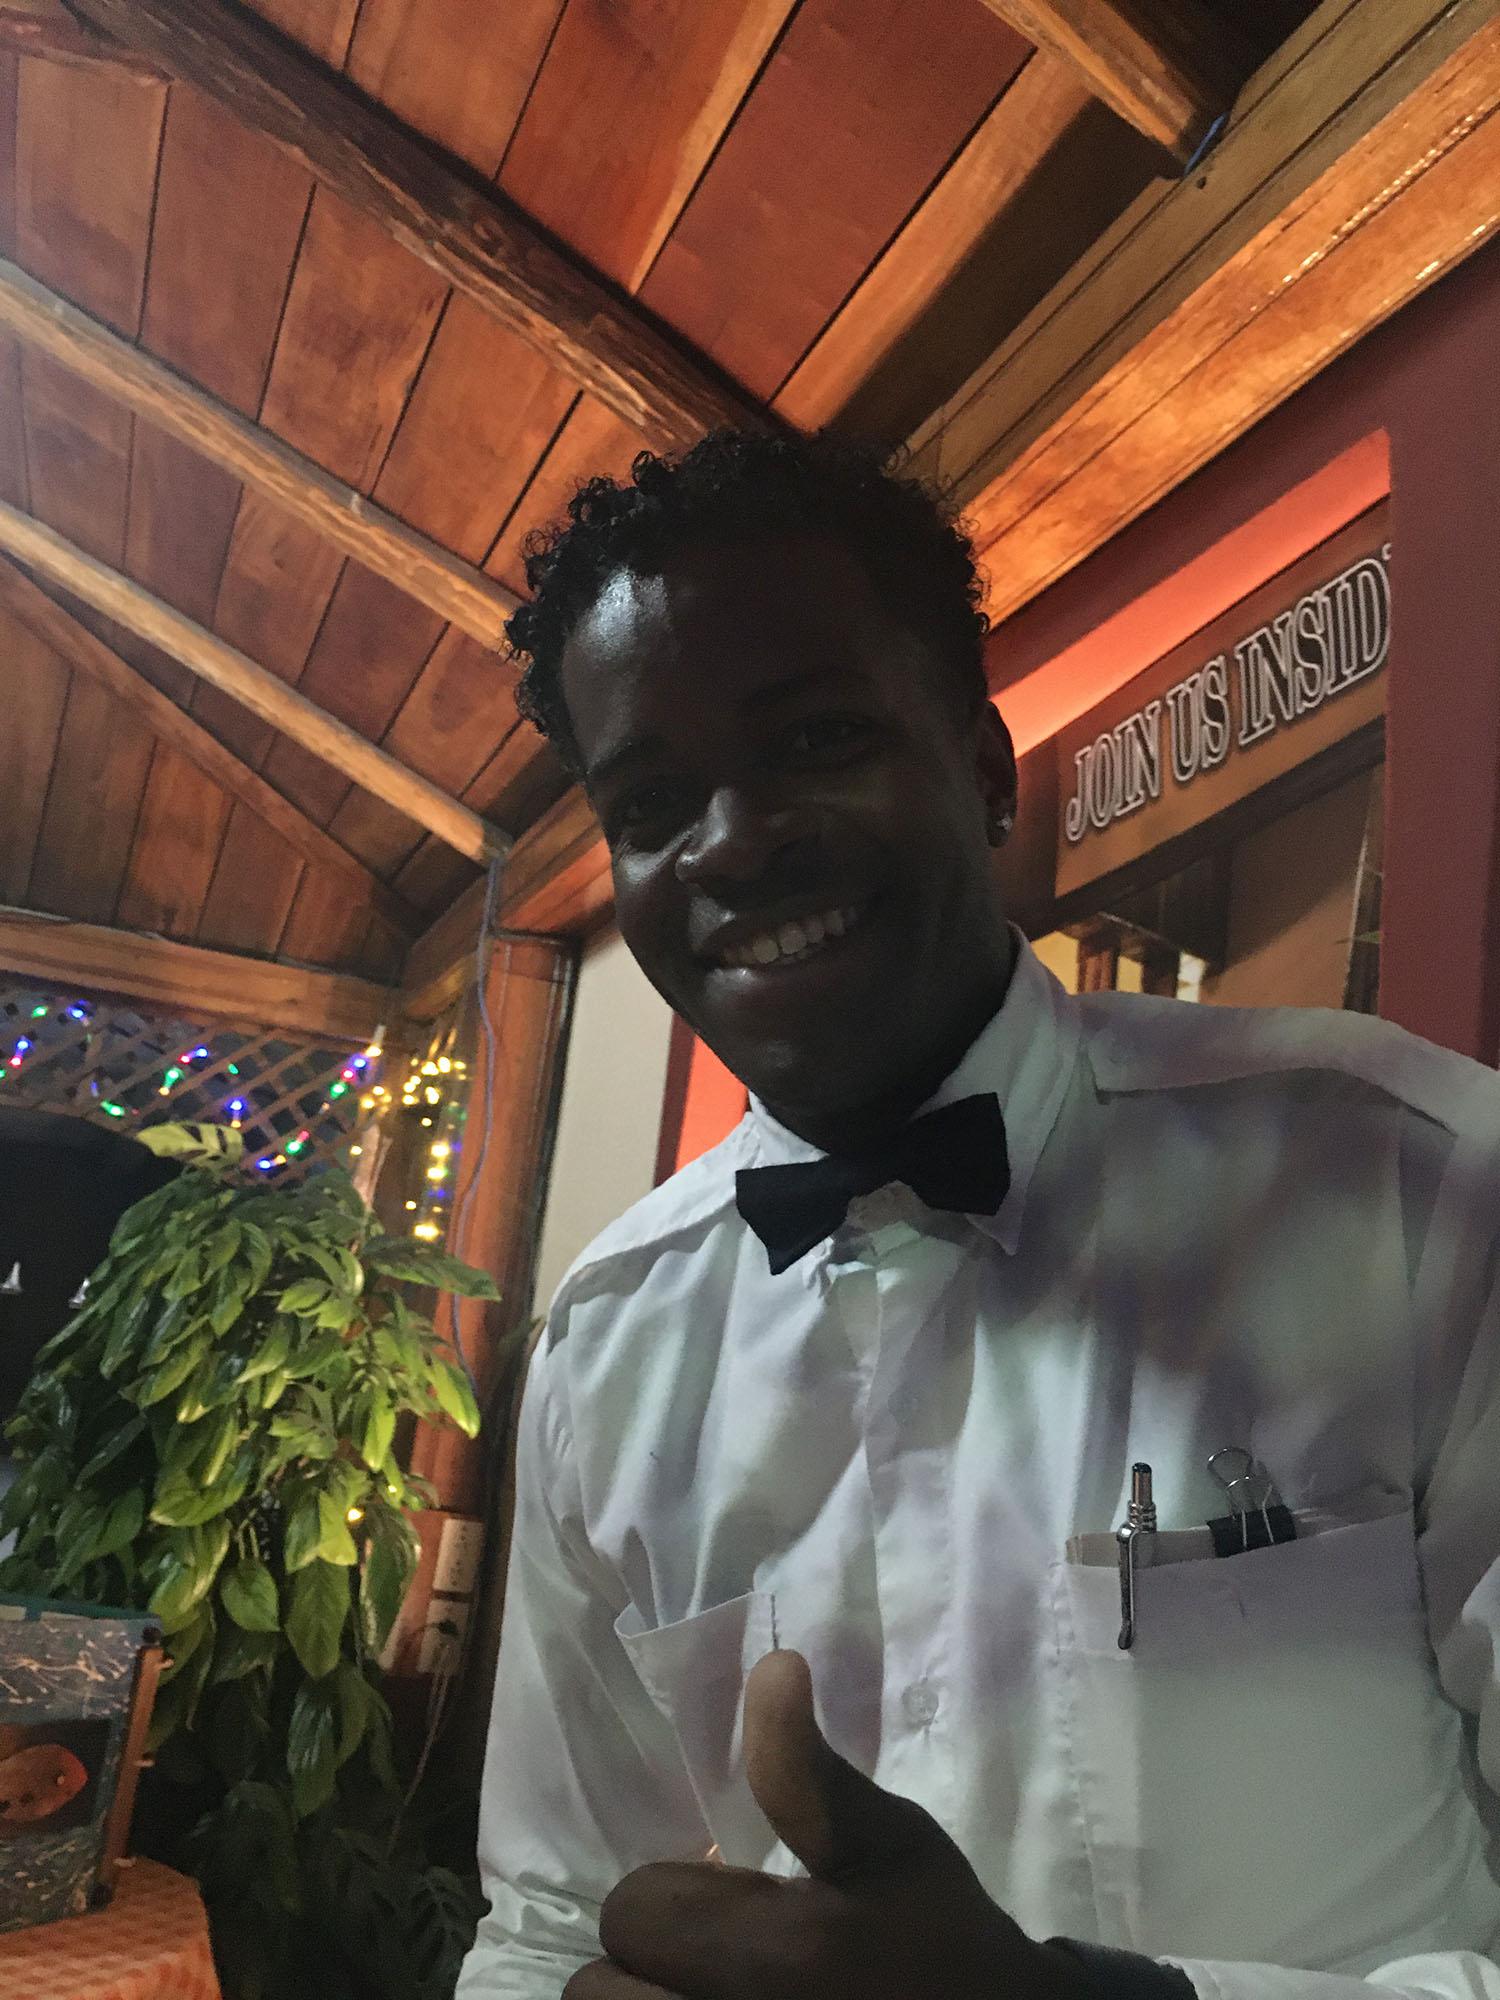 A waiter smiles.